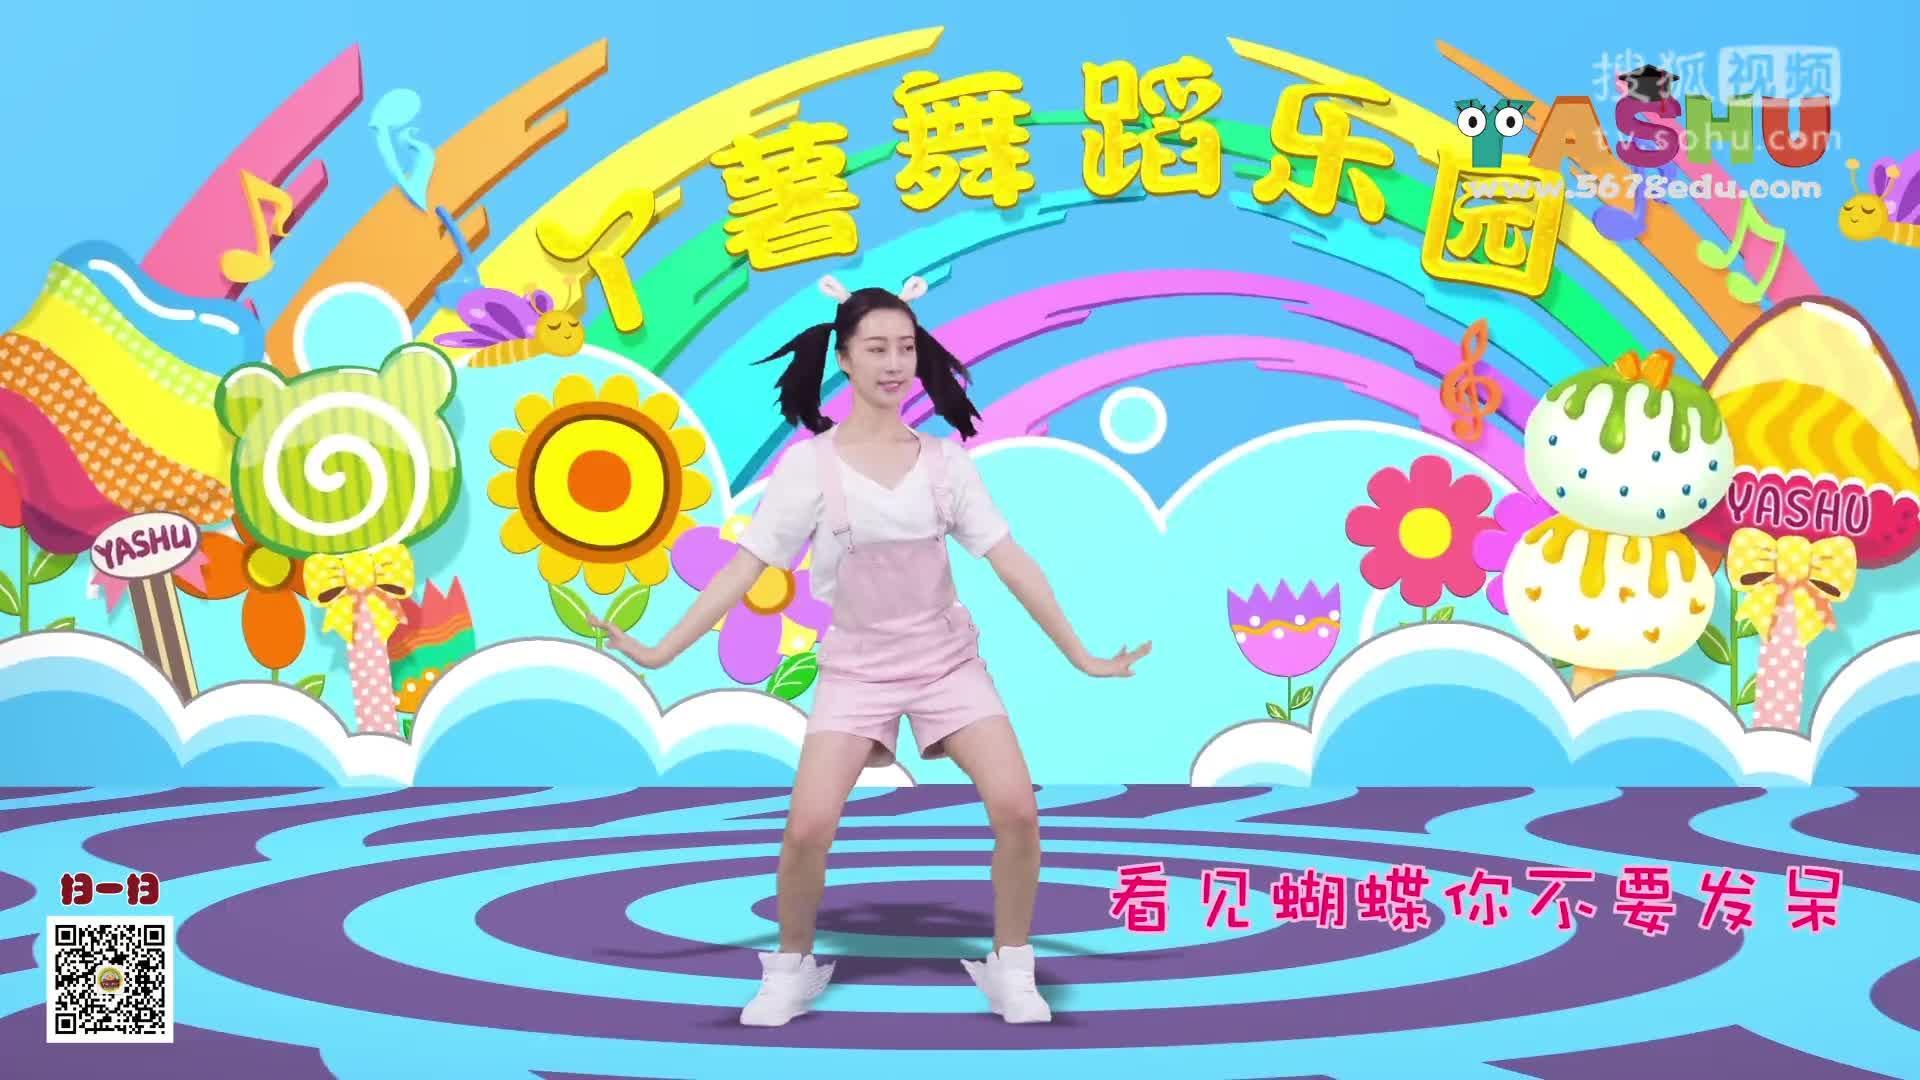 《亲亲猪猪宝贝》 幼儿舞蹈少儿歌曲幼儿园律动六一儿童节舞蹈幼师